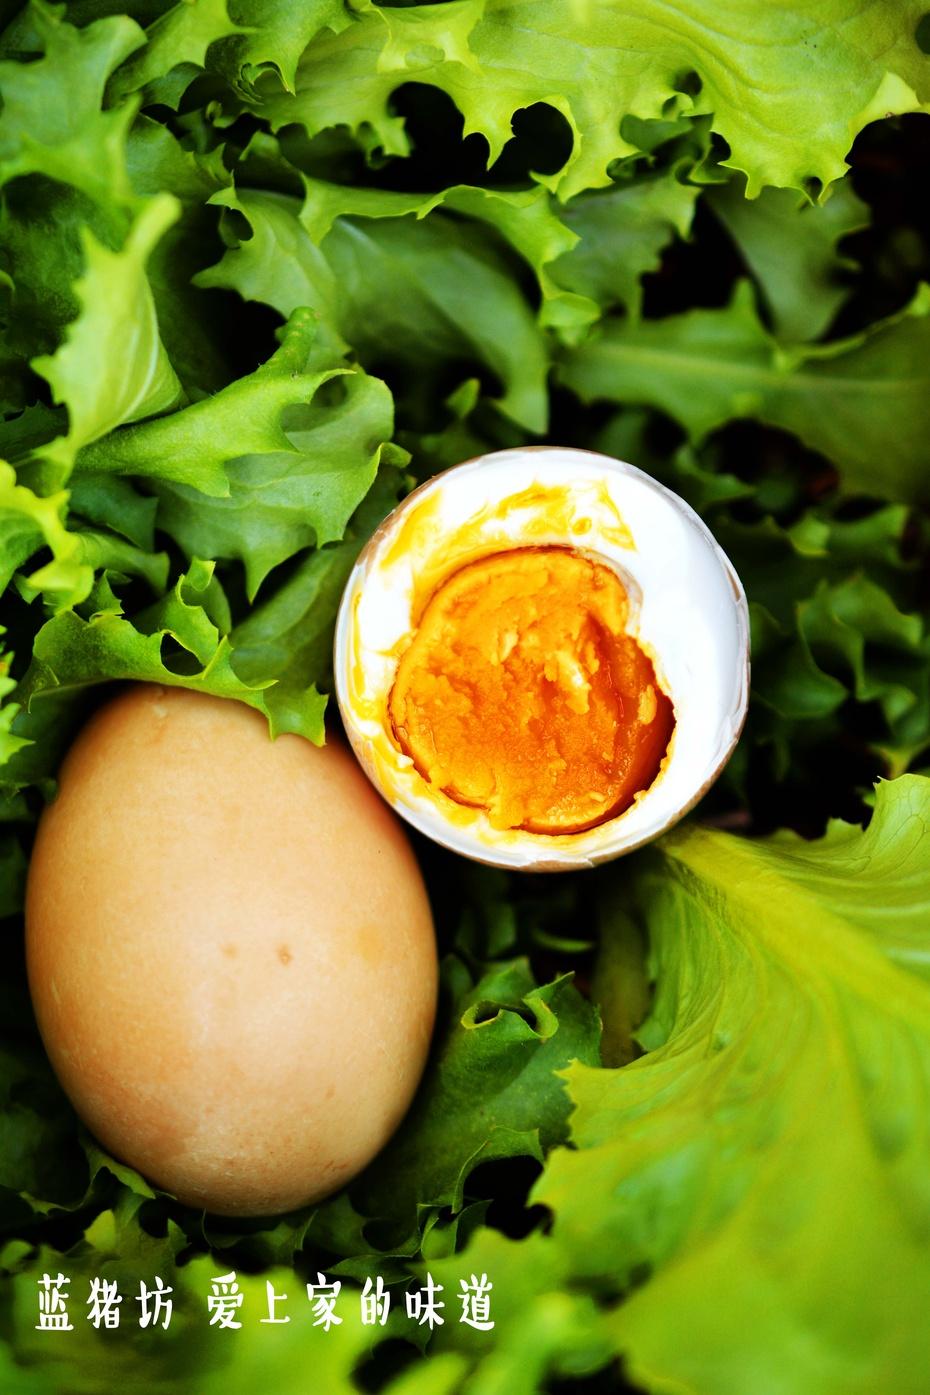 五香咸鸭蛋,家的味道,就是这样的味道 - 蓝冰滢 - 蓝猪坊 创意美食工作室